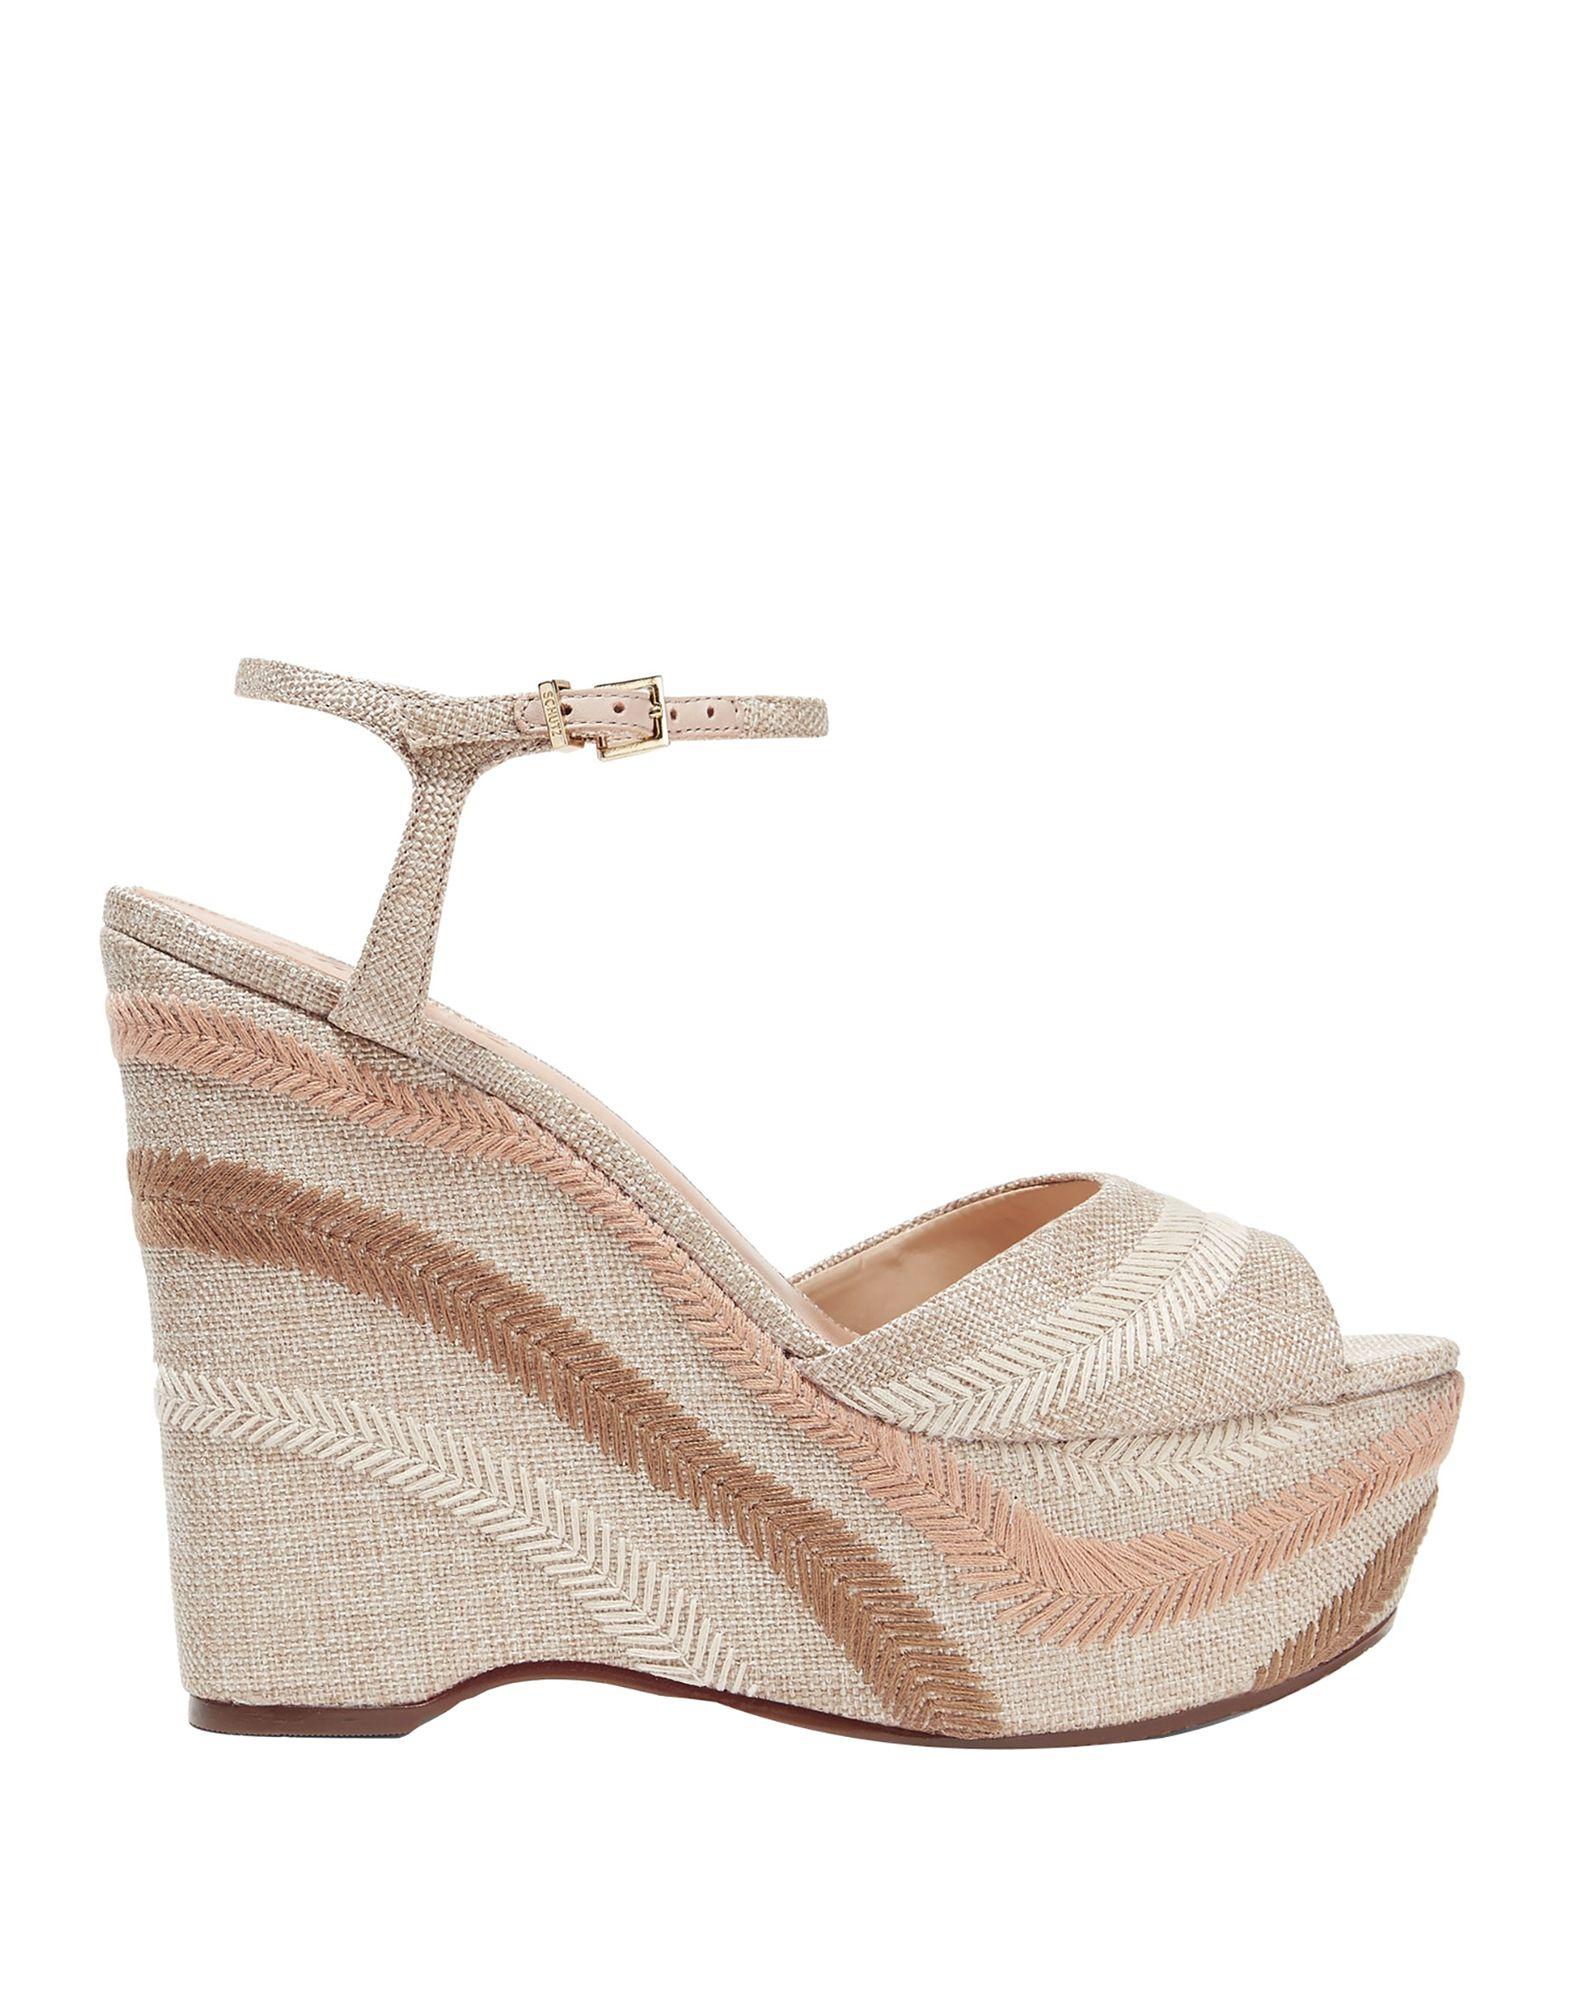 Schutz Sandals - Women online Schutz Sandals online Women on  Canada - 11567795QM 7d437f